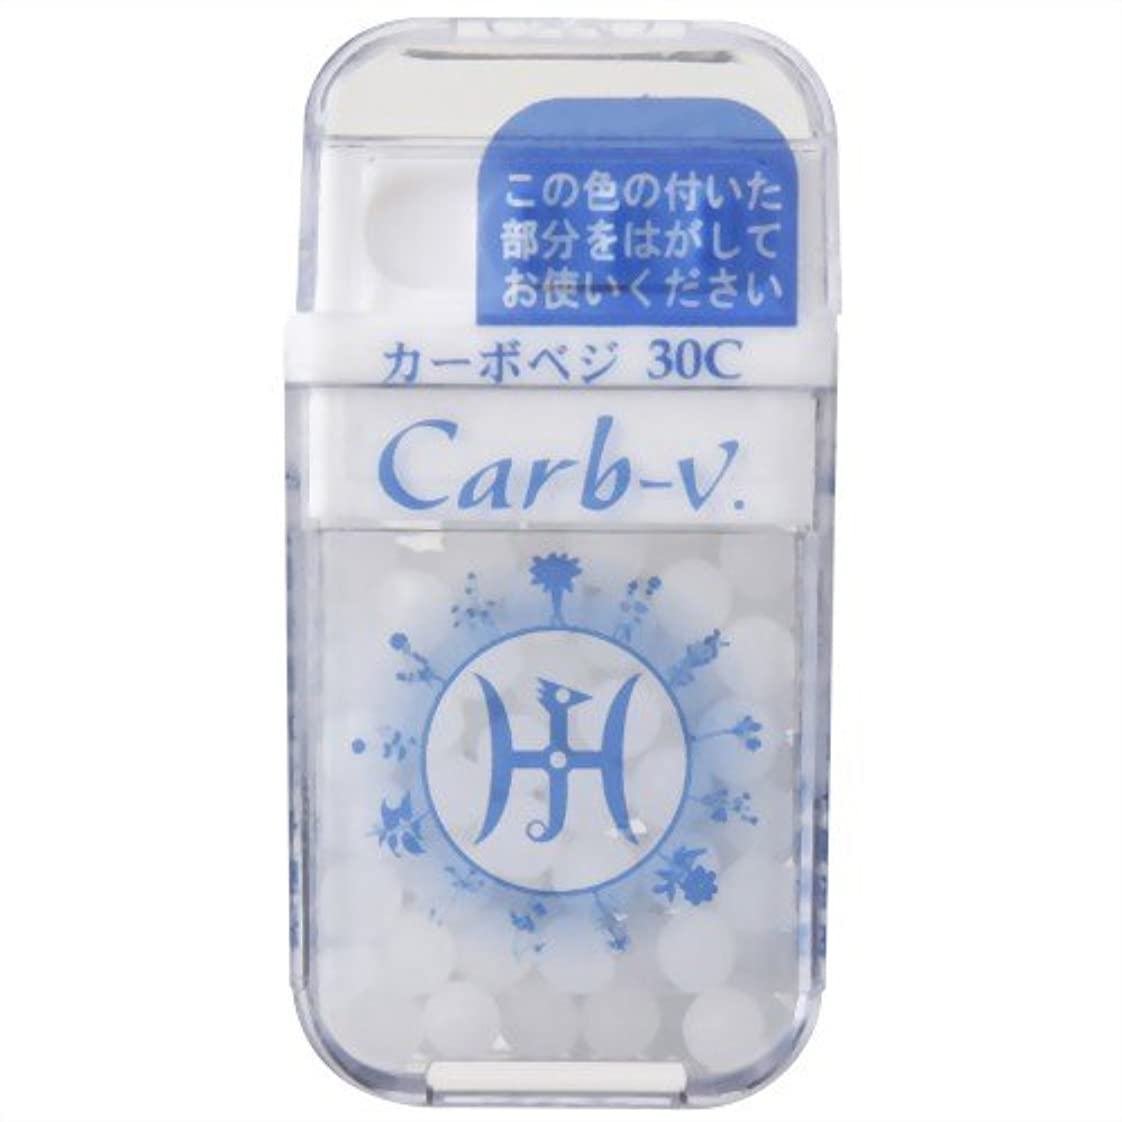 トロイの木馬変更あからさまホメオパシージャパンレメディー Carb-v.  カーボベジ 30C (大ビン)